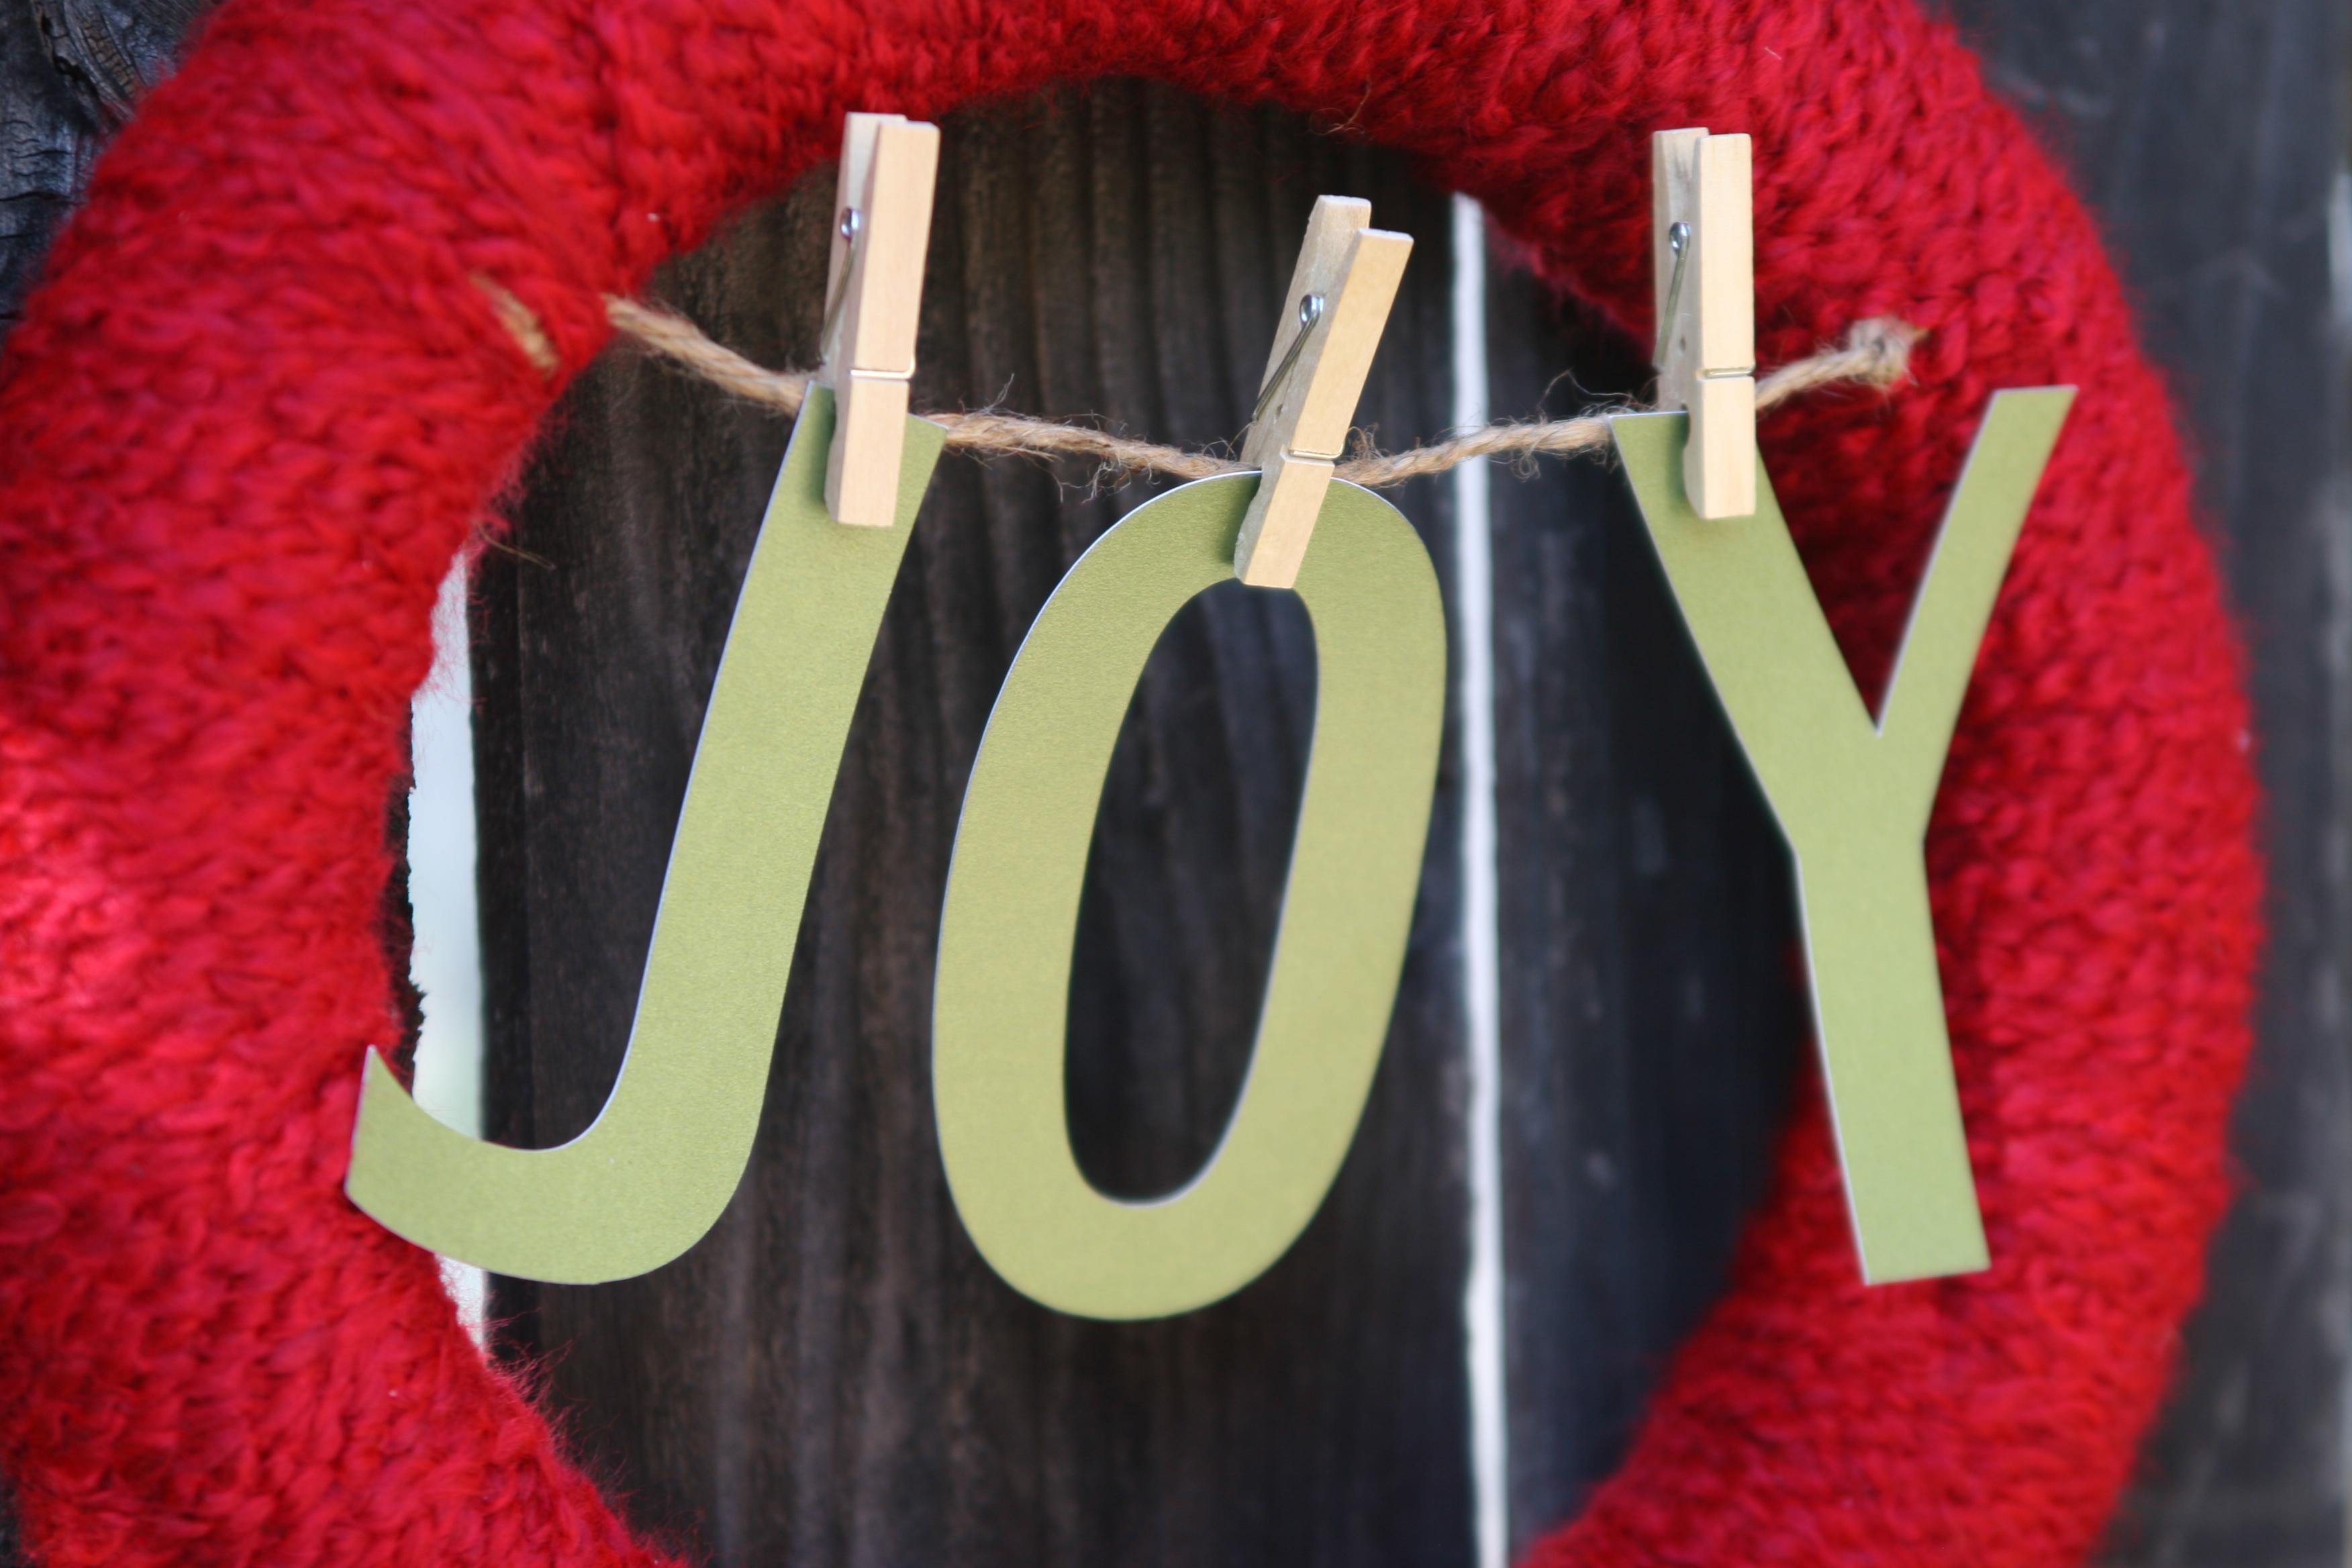 http://jellybeanjunkyard.files.wordpress.com/2010/11/img_4941.jpg